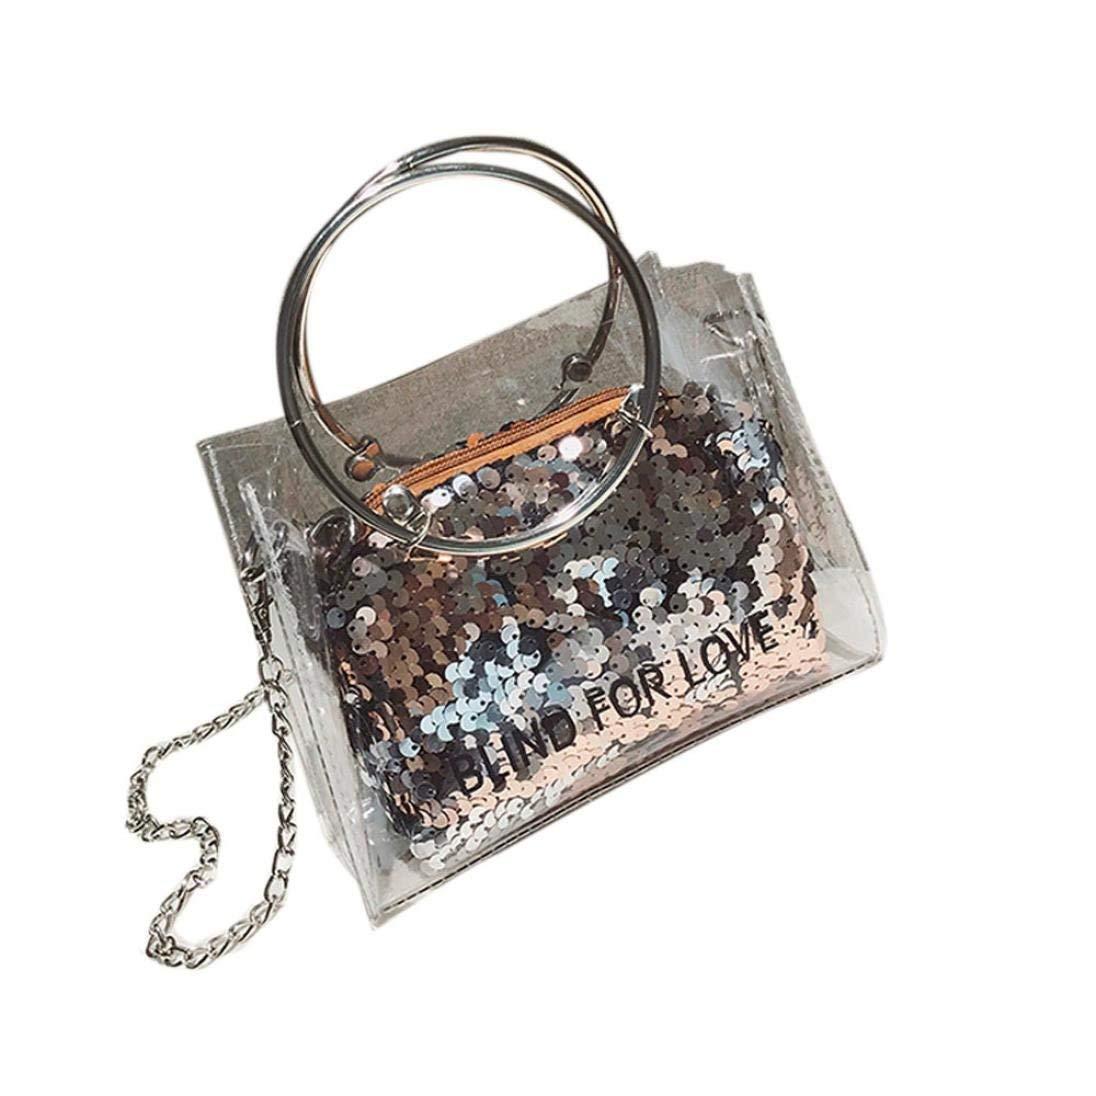 b546fa1ce7cb Cheap College Shoulder Bags, find College Shoulder Bags deals on ...